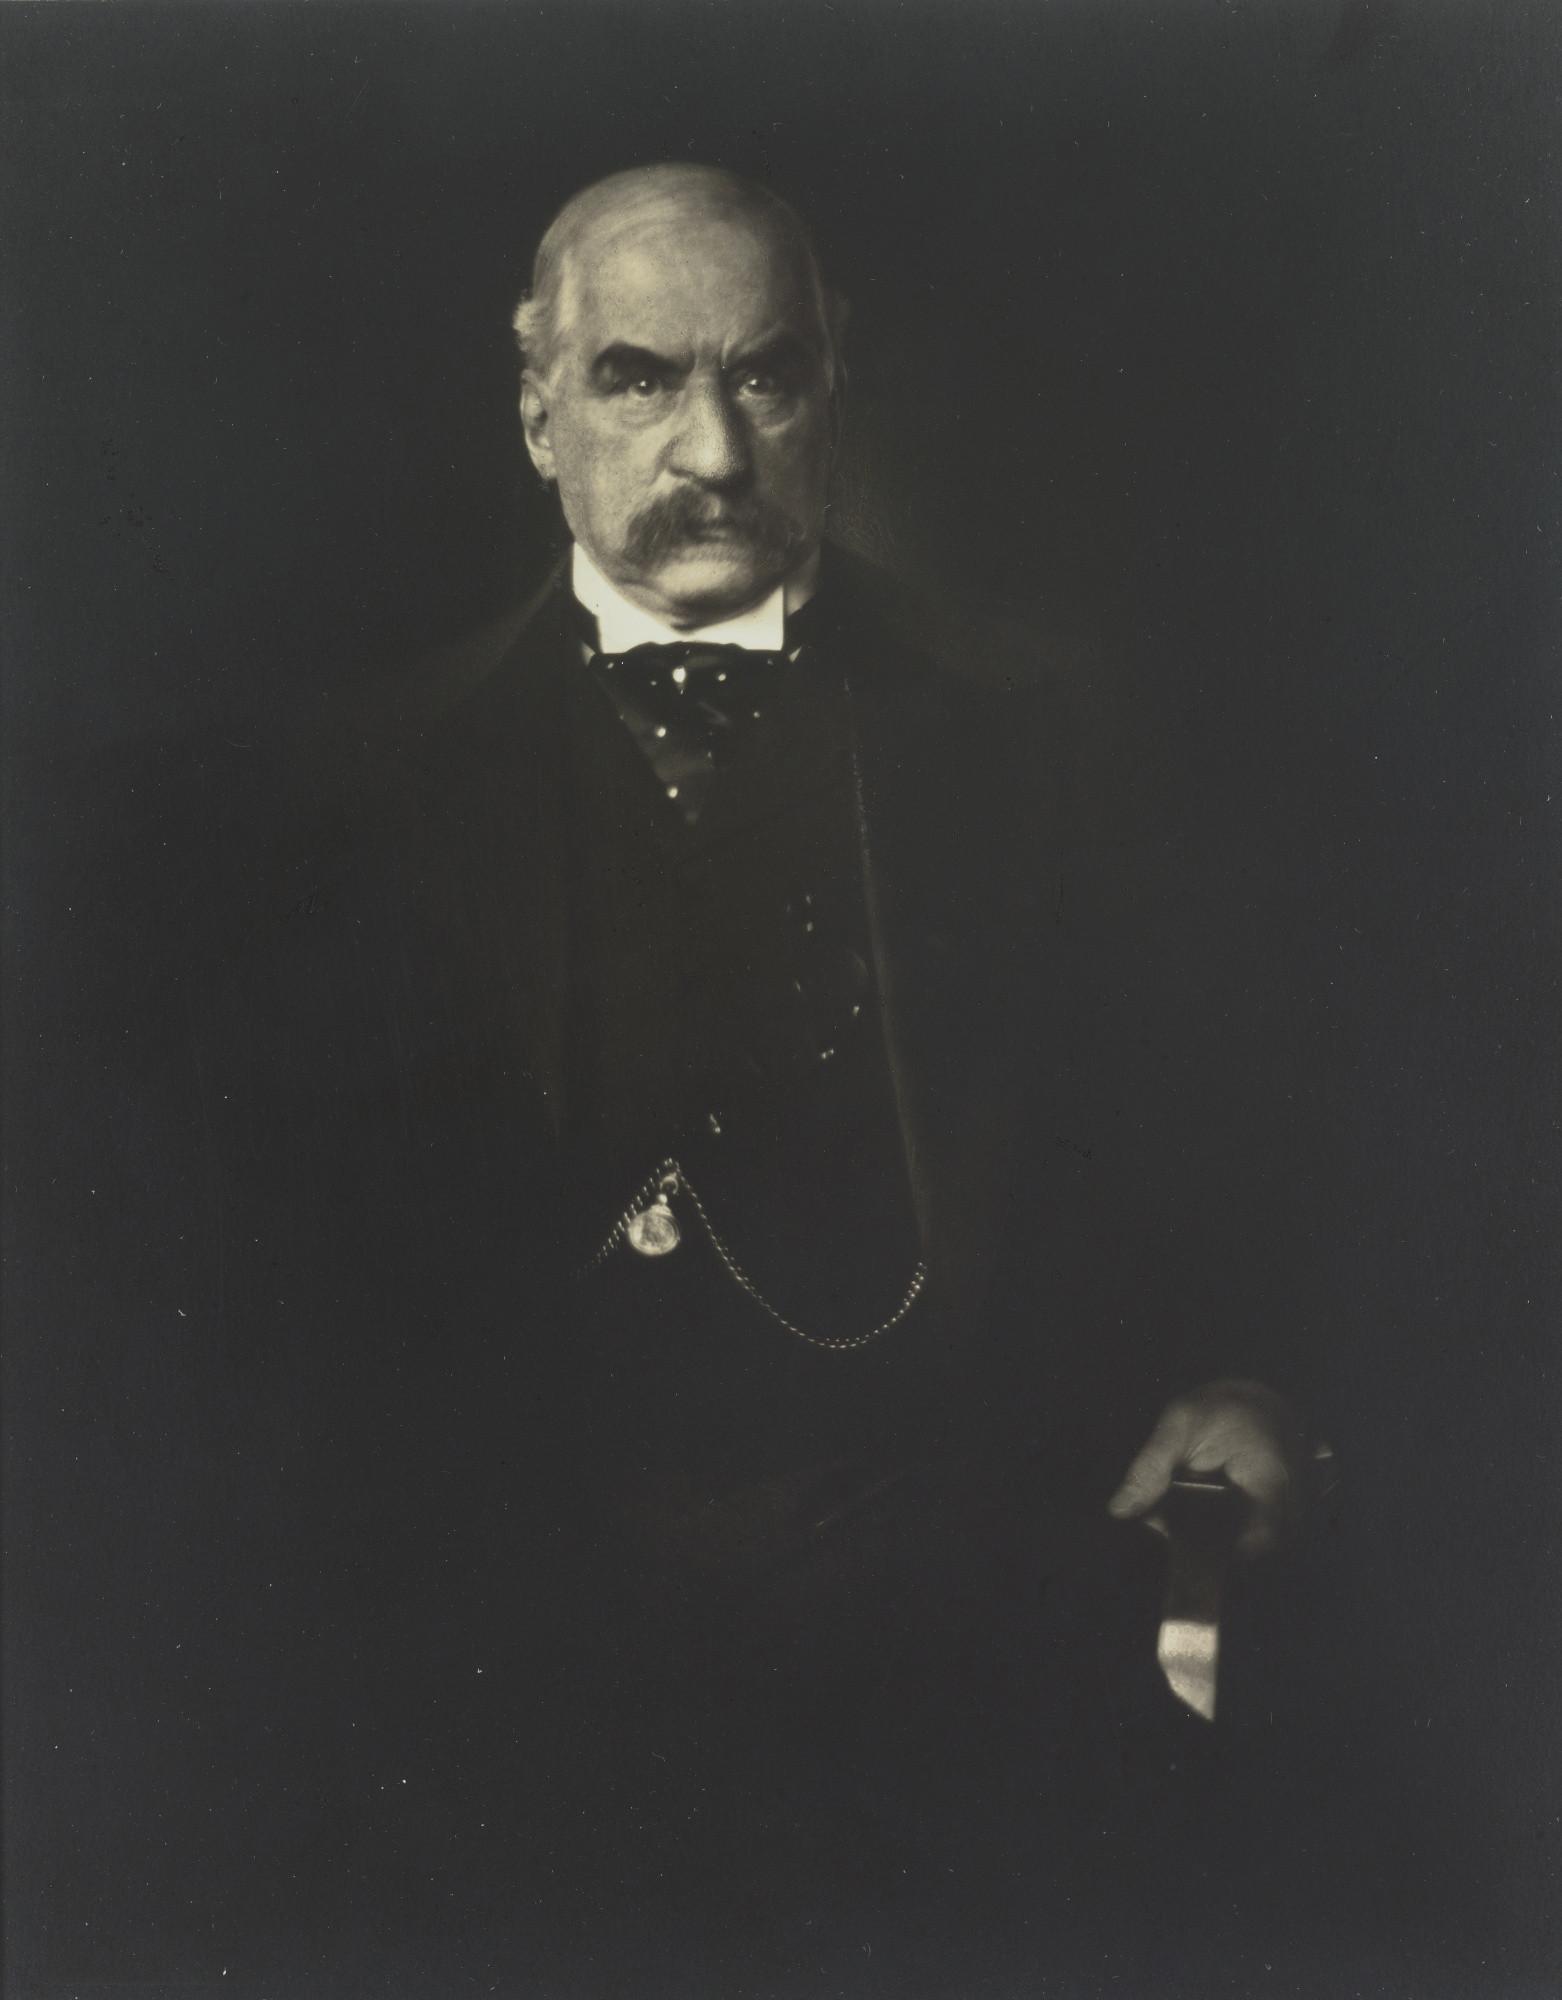 银行家摩根(j. p. morgan)(图/翻摄自wikipedia,下同)